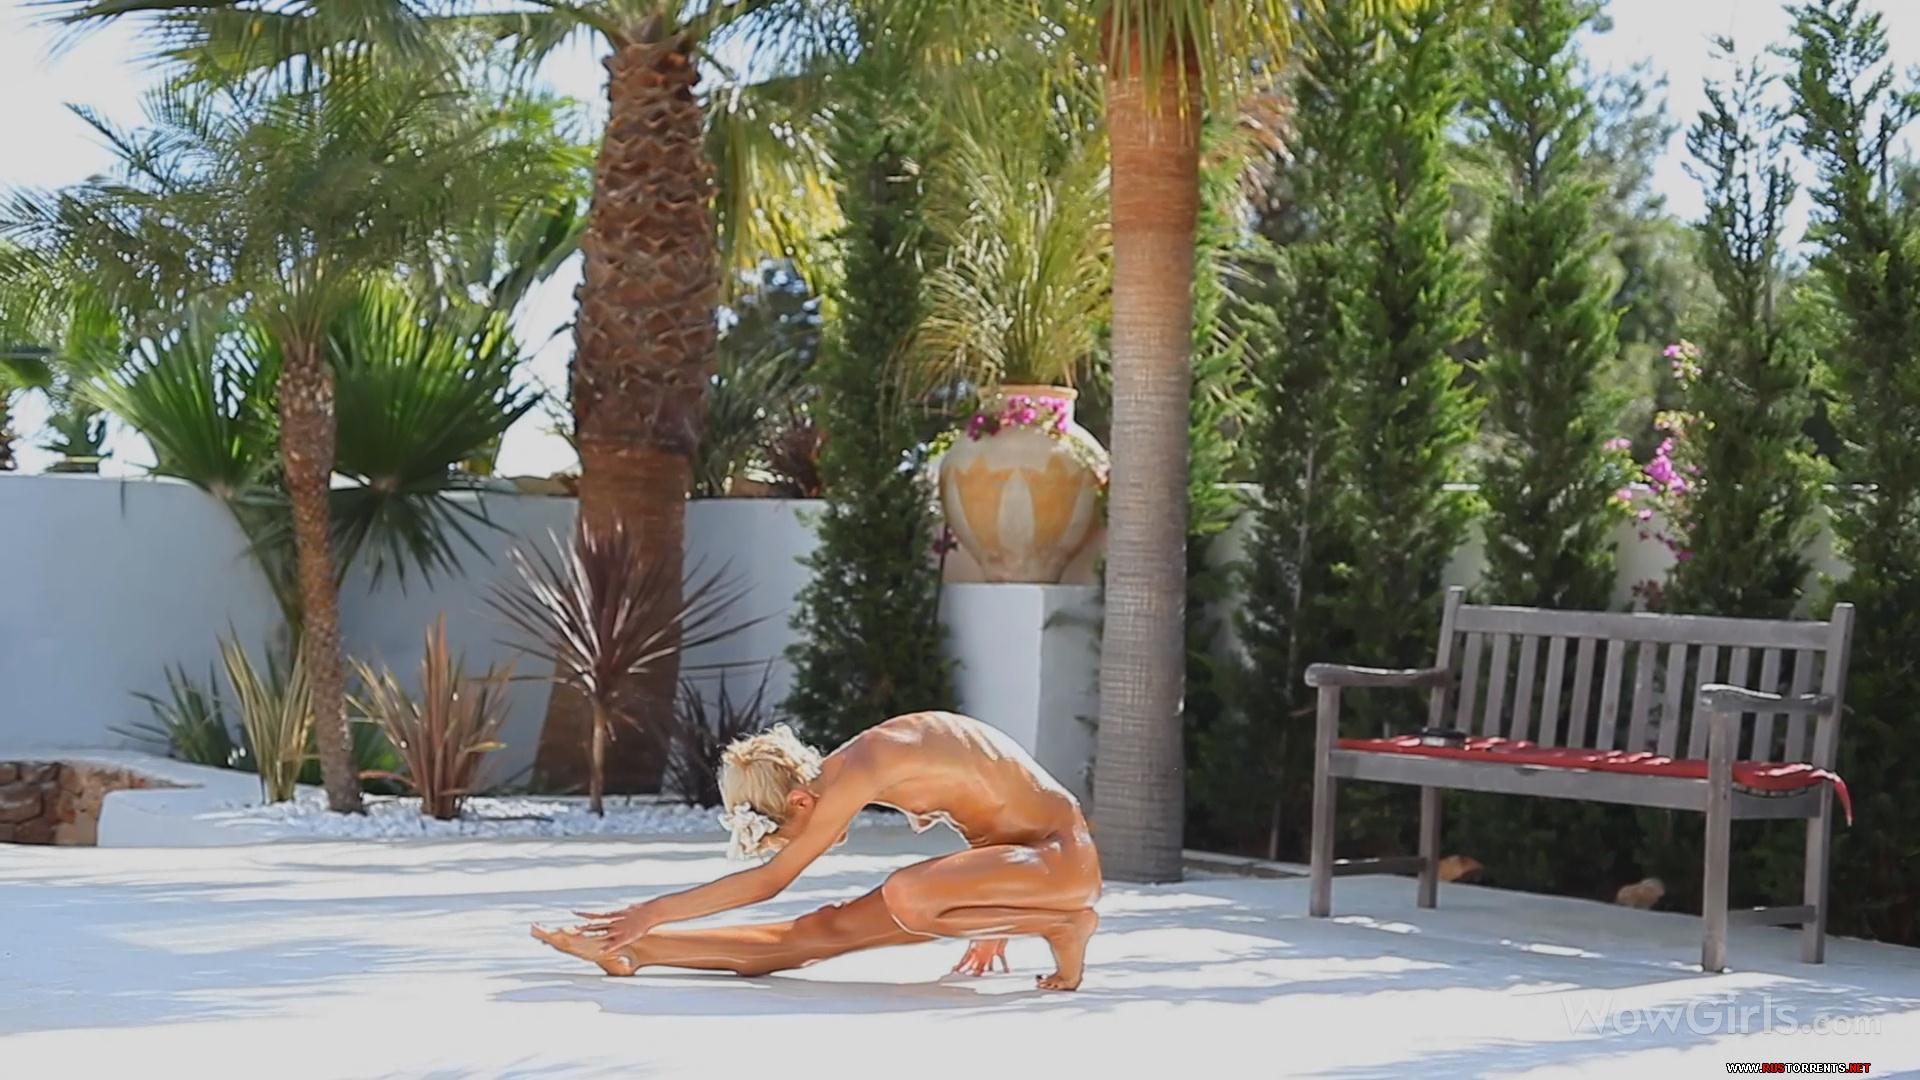 Скриншот 1:Тощяя гимнастка